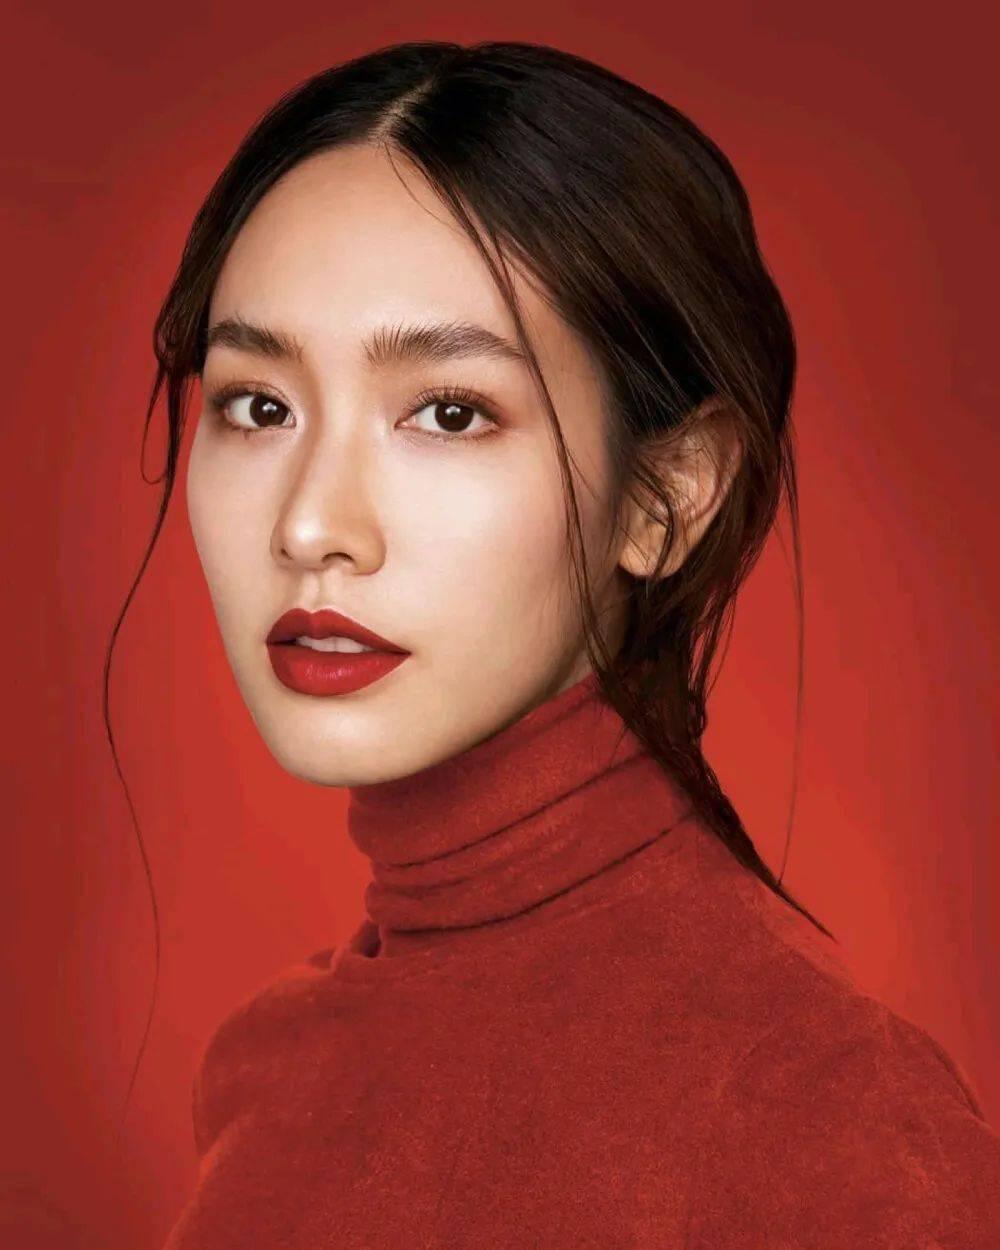 中国妆,日系妆,韩风妆,3分钟认清不同妆容化妆技巧